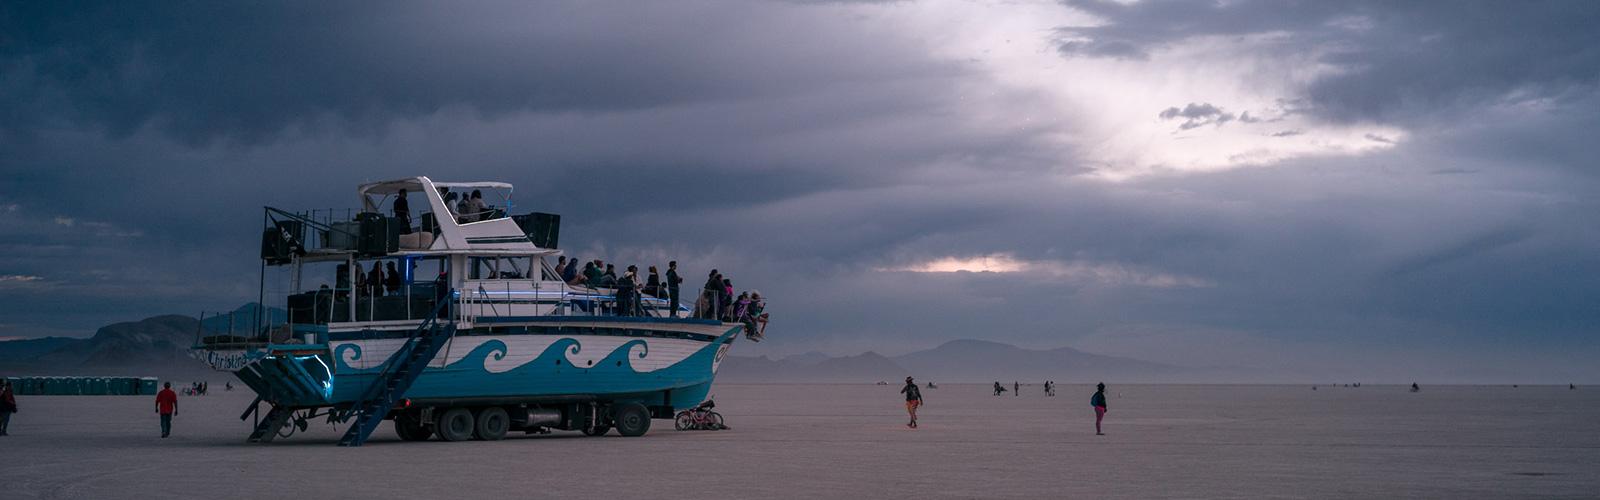 Yacht Art Car